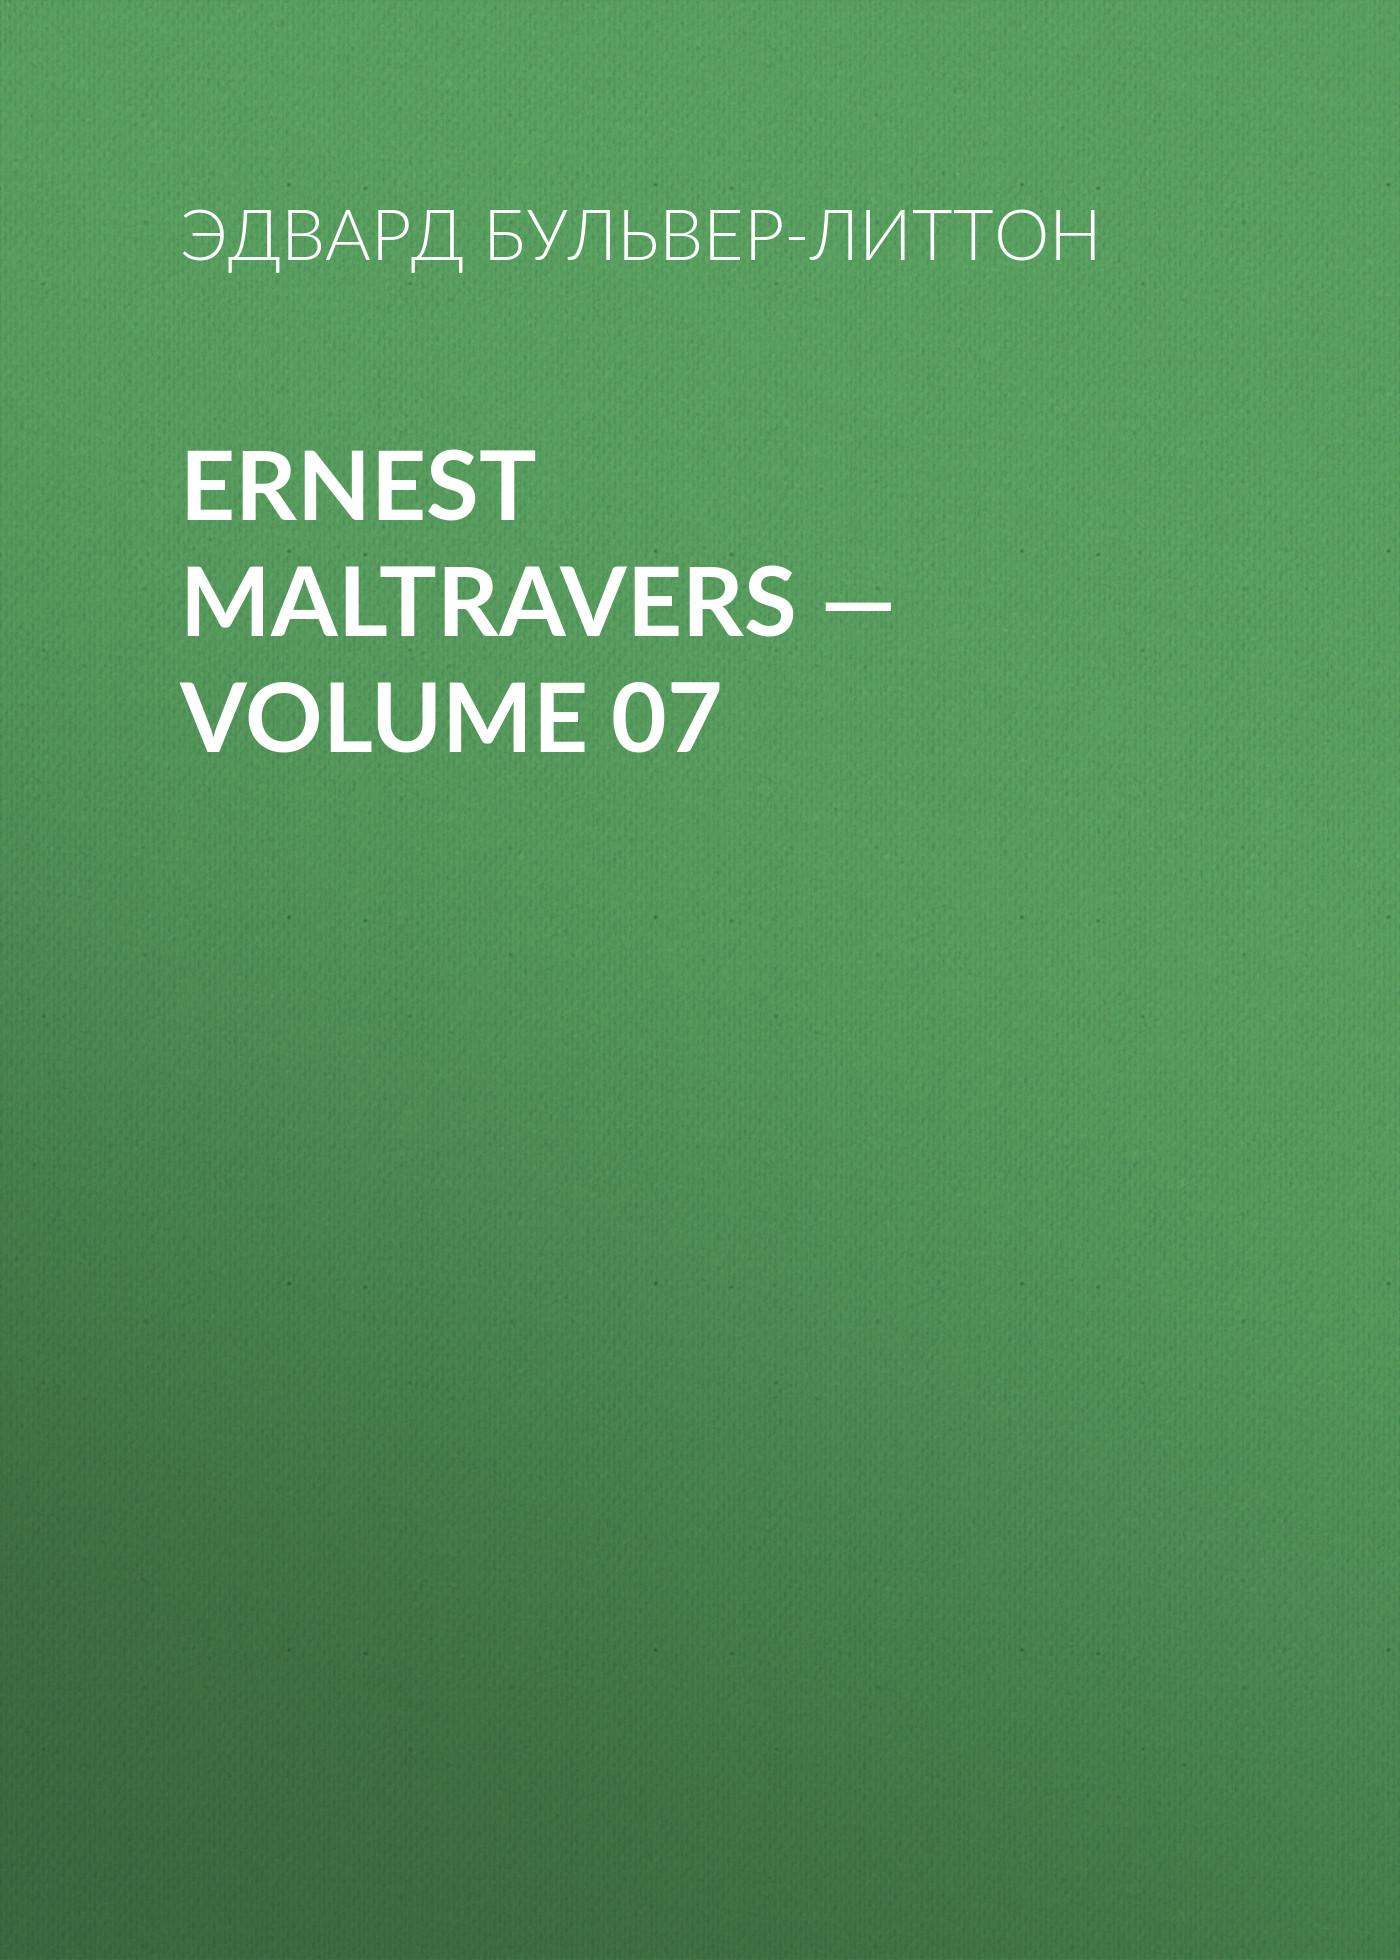 Эдвард Бульвер-Литтон Ernest Maltravers — Volume 07 эдвард бульвер литтон godolphin volume 2